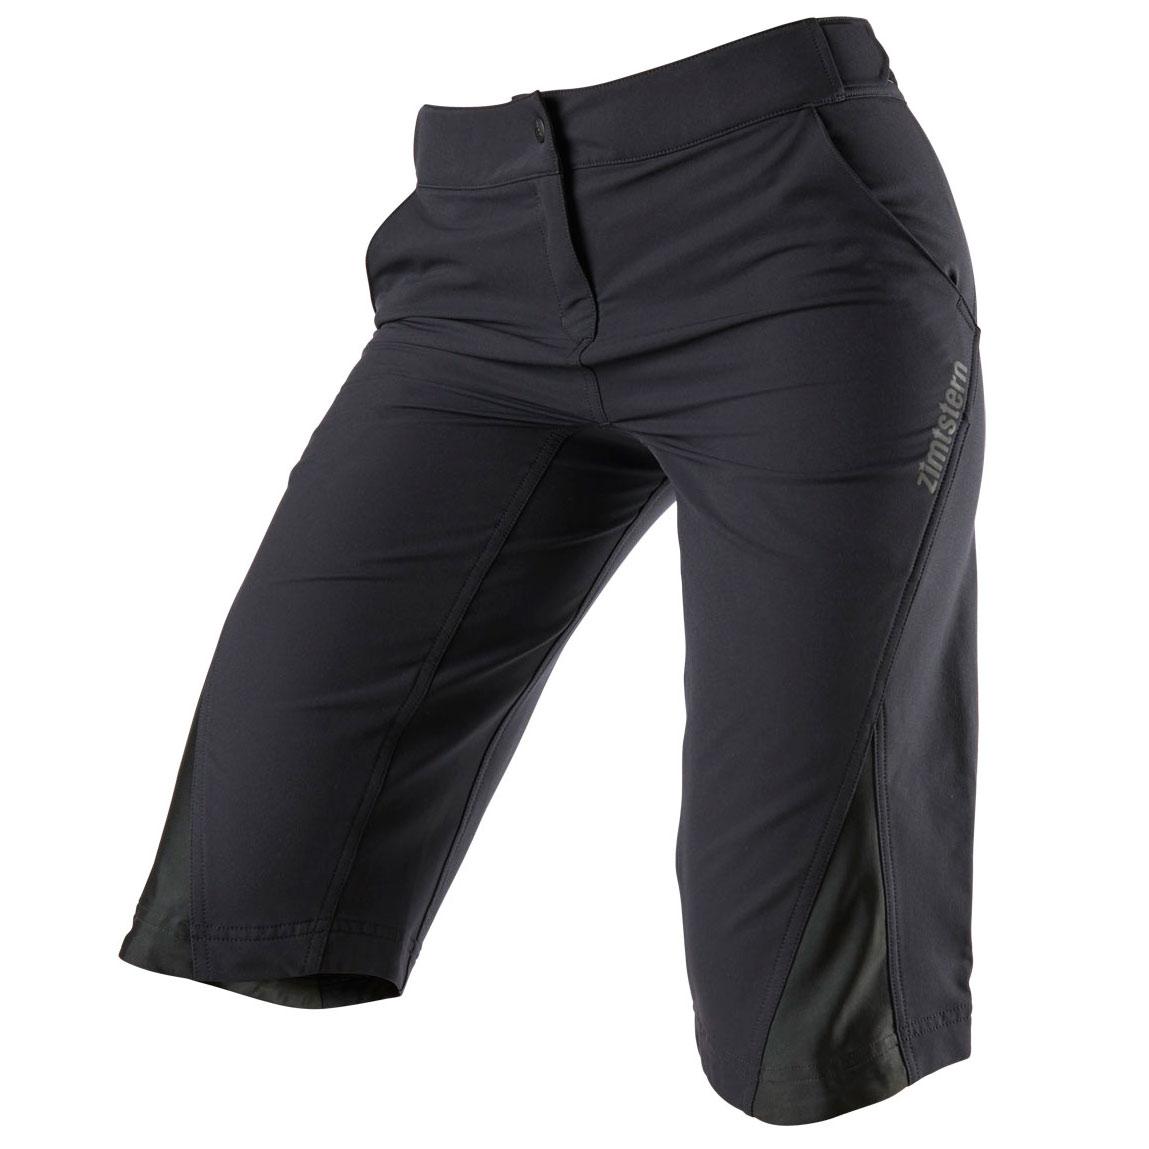 Zimtstern StarFlowz MTB-Shorts für Damen - pirate black